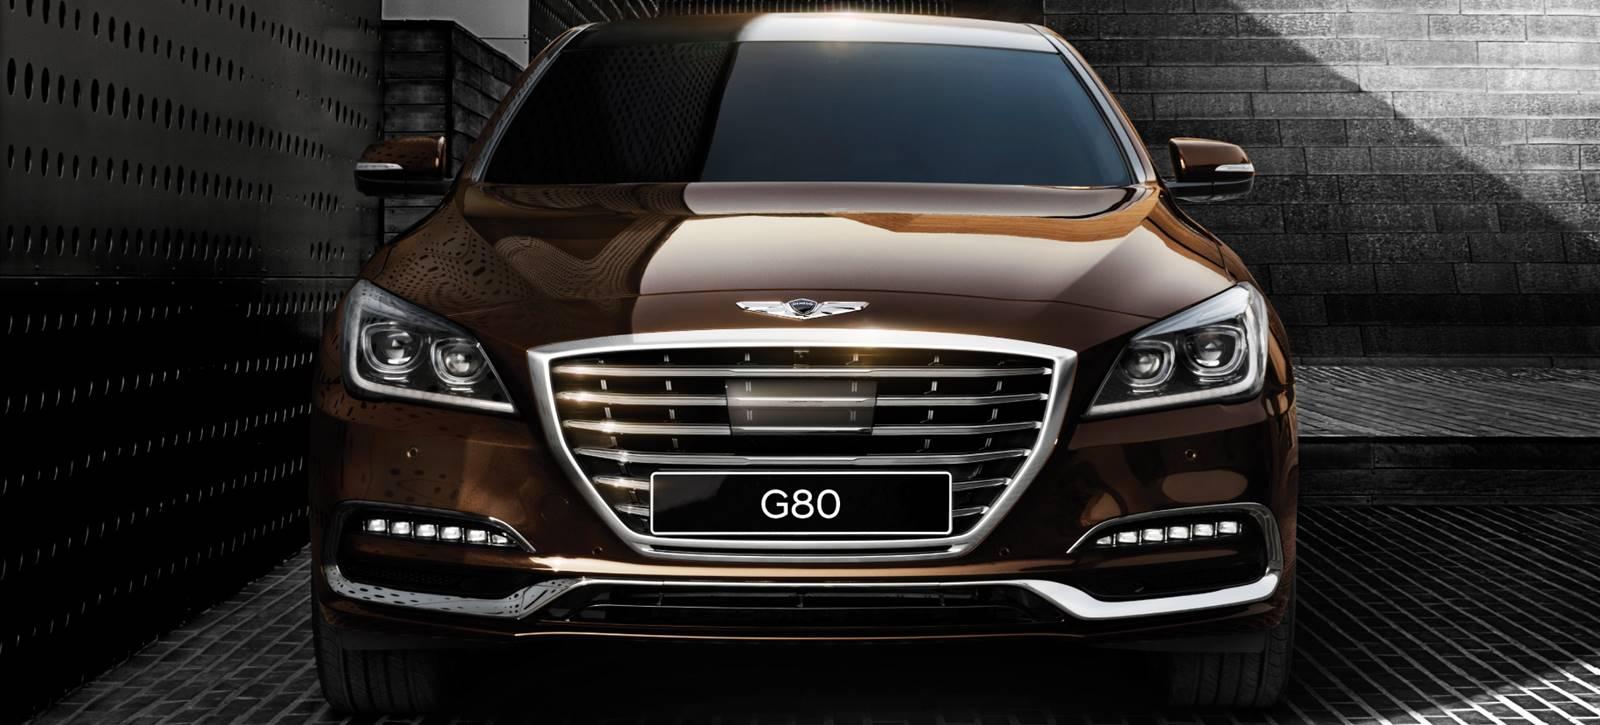 genesis g80 um hyundai para enfrentar classe e e a6 car blog br. Black Bedroom Furniture Sets. Home Design Ideas